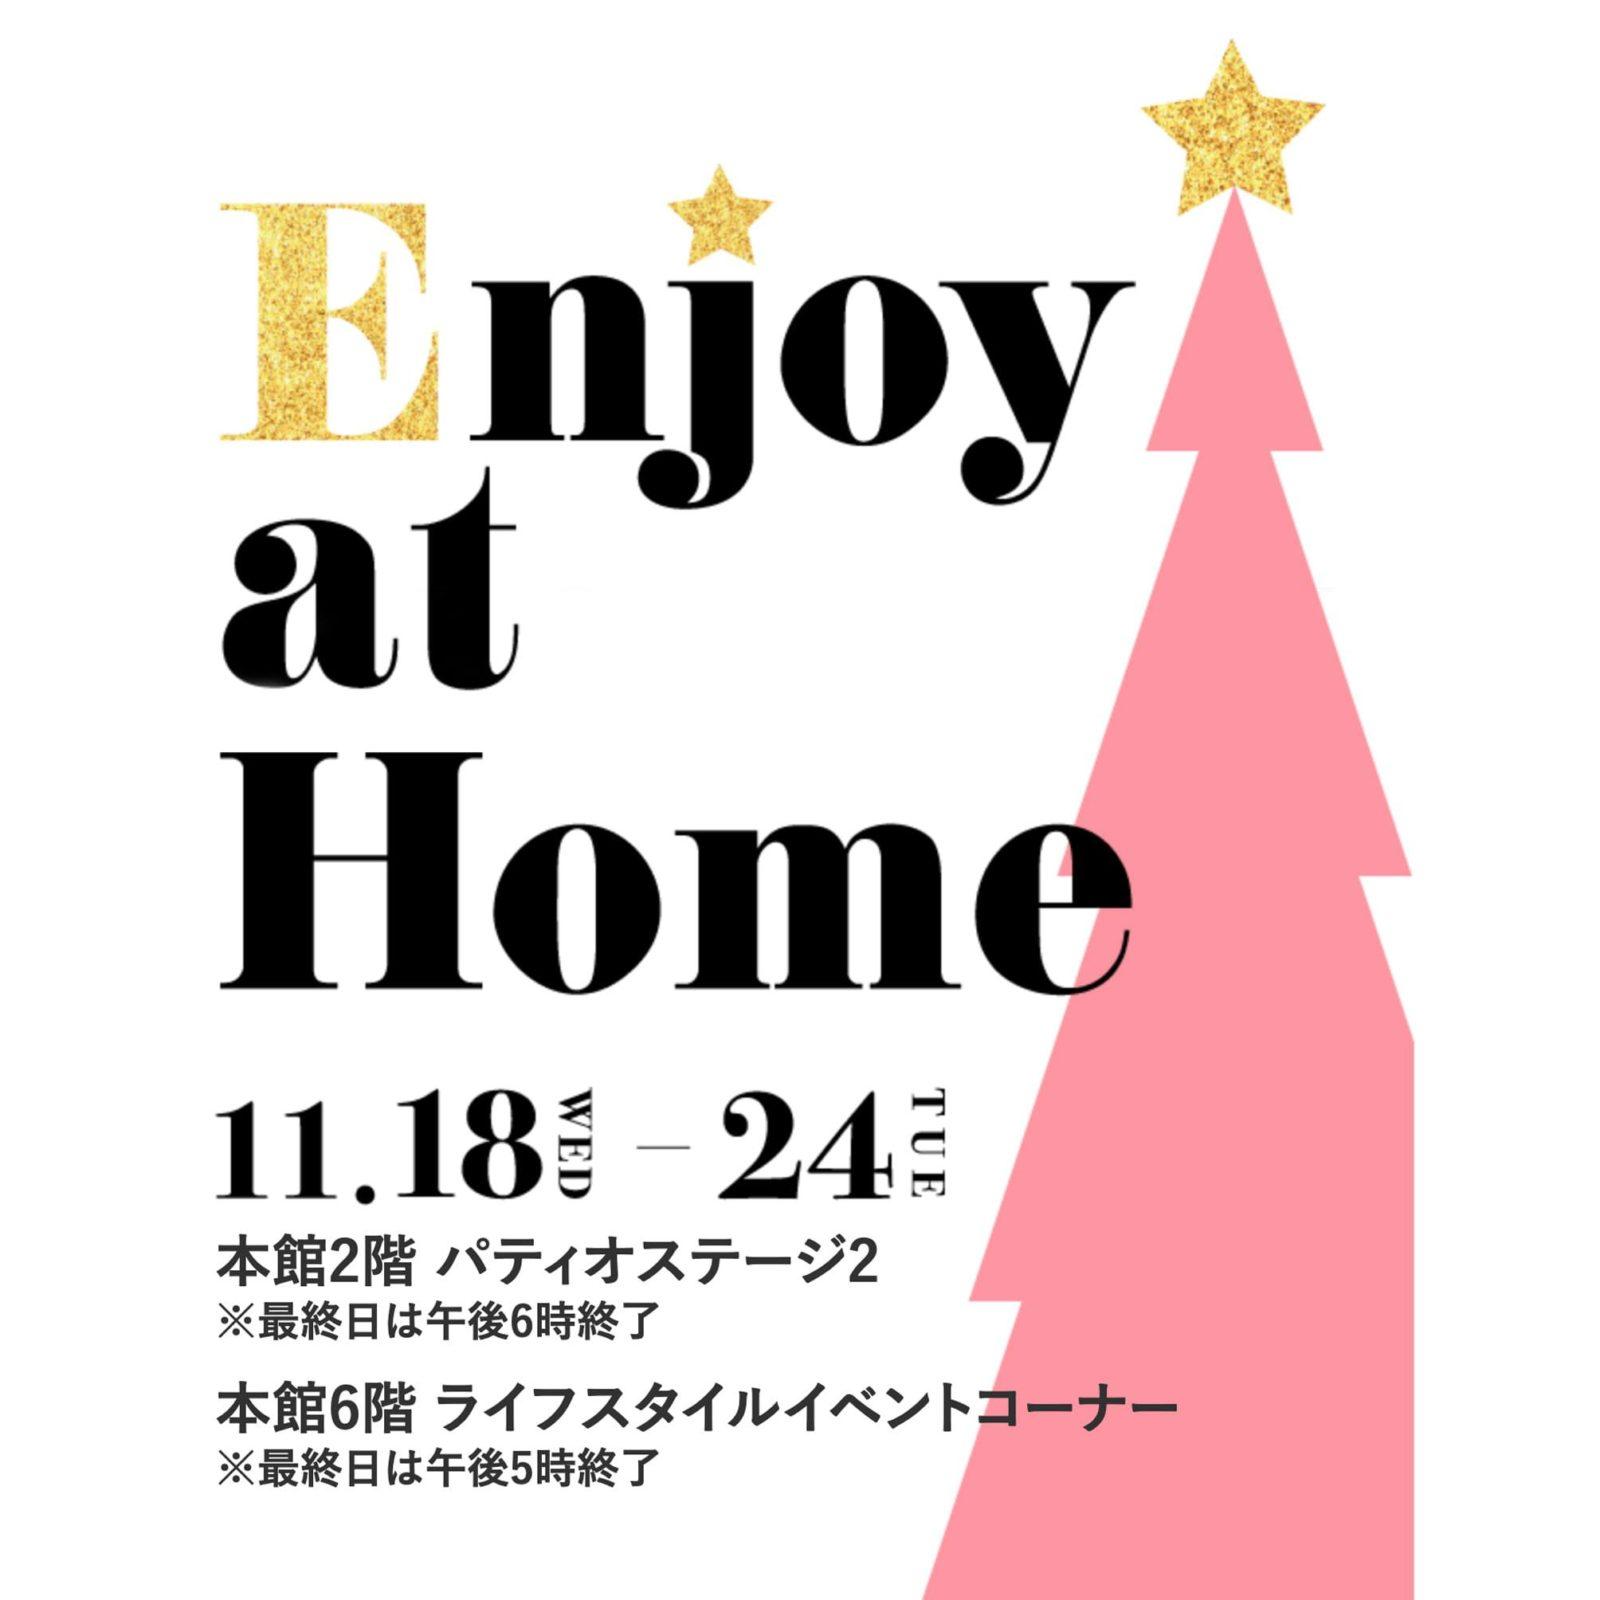 神戸阪急 ポップアップショップをオープン